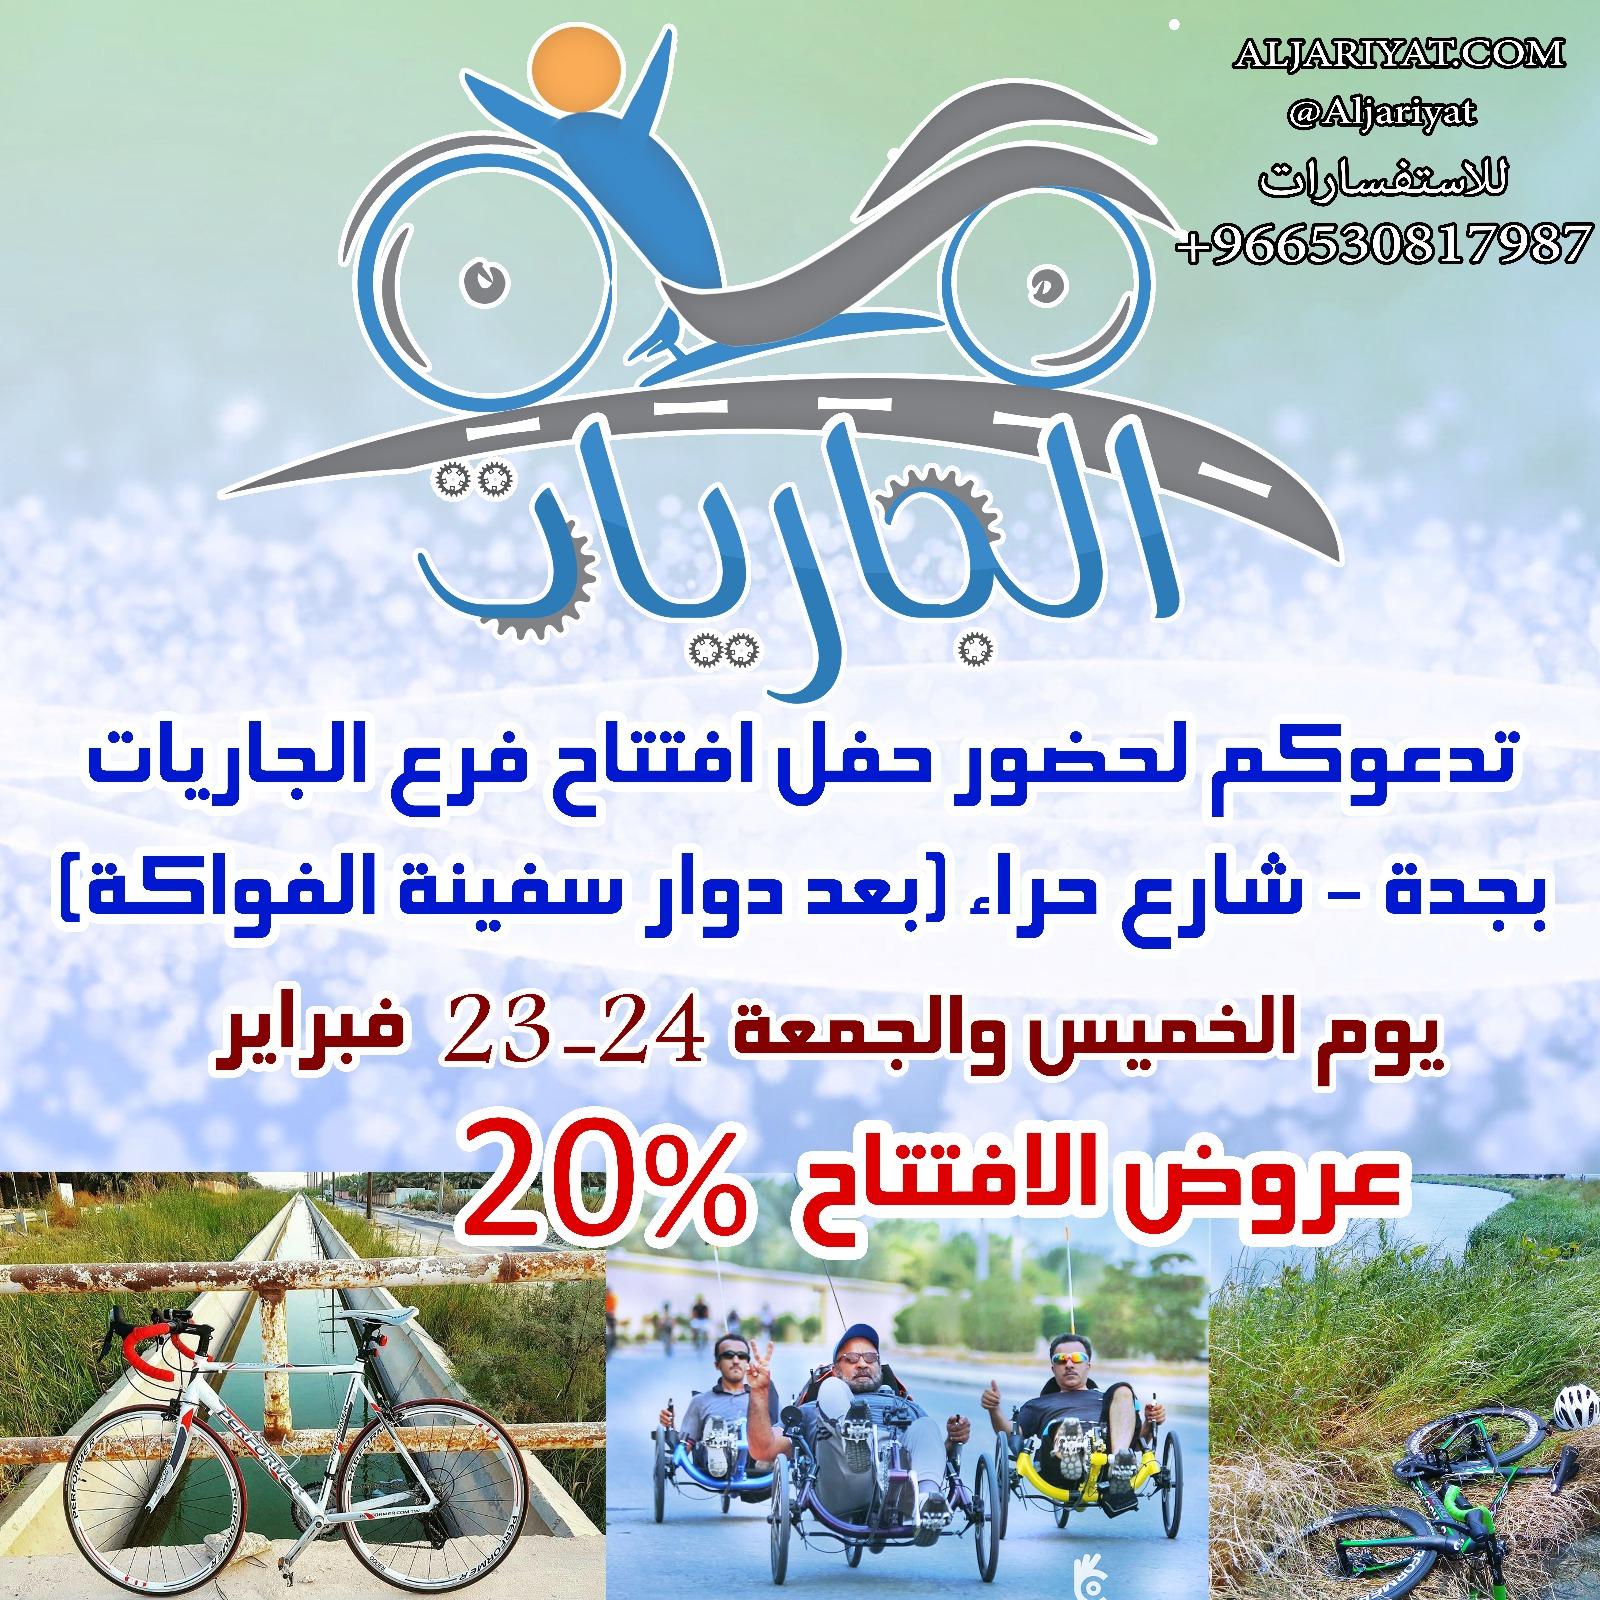 دعوة حفل افتتاح فرع الجاريات في جدة